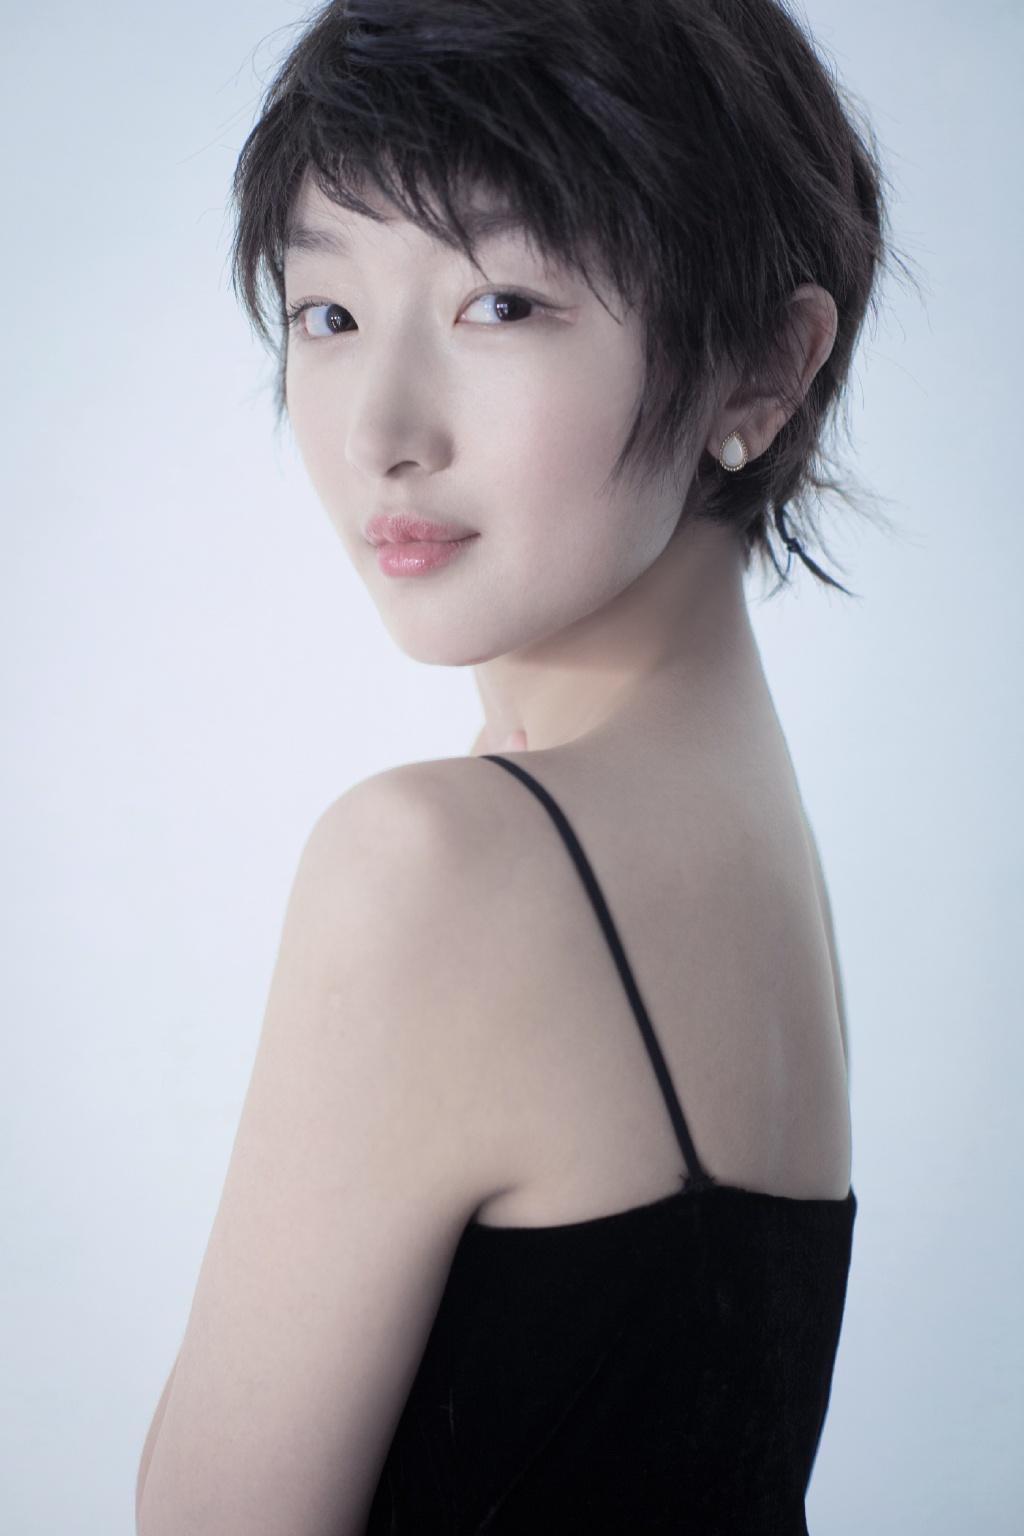 发型不一定看脸,唐嫣驾驭不住,36岁马丽换上却又帅又甜!